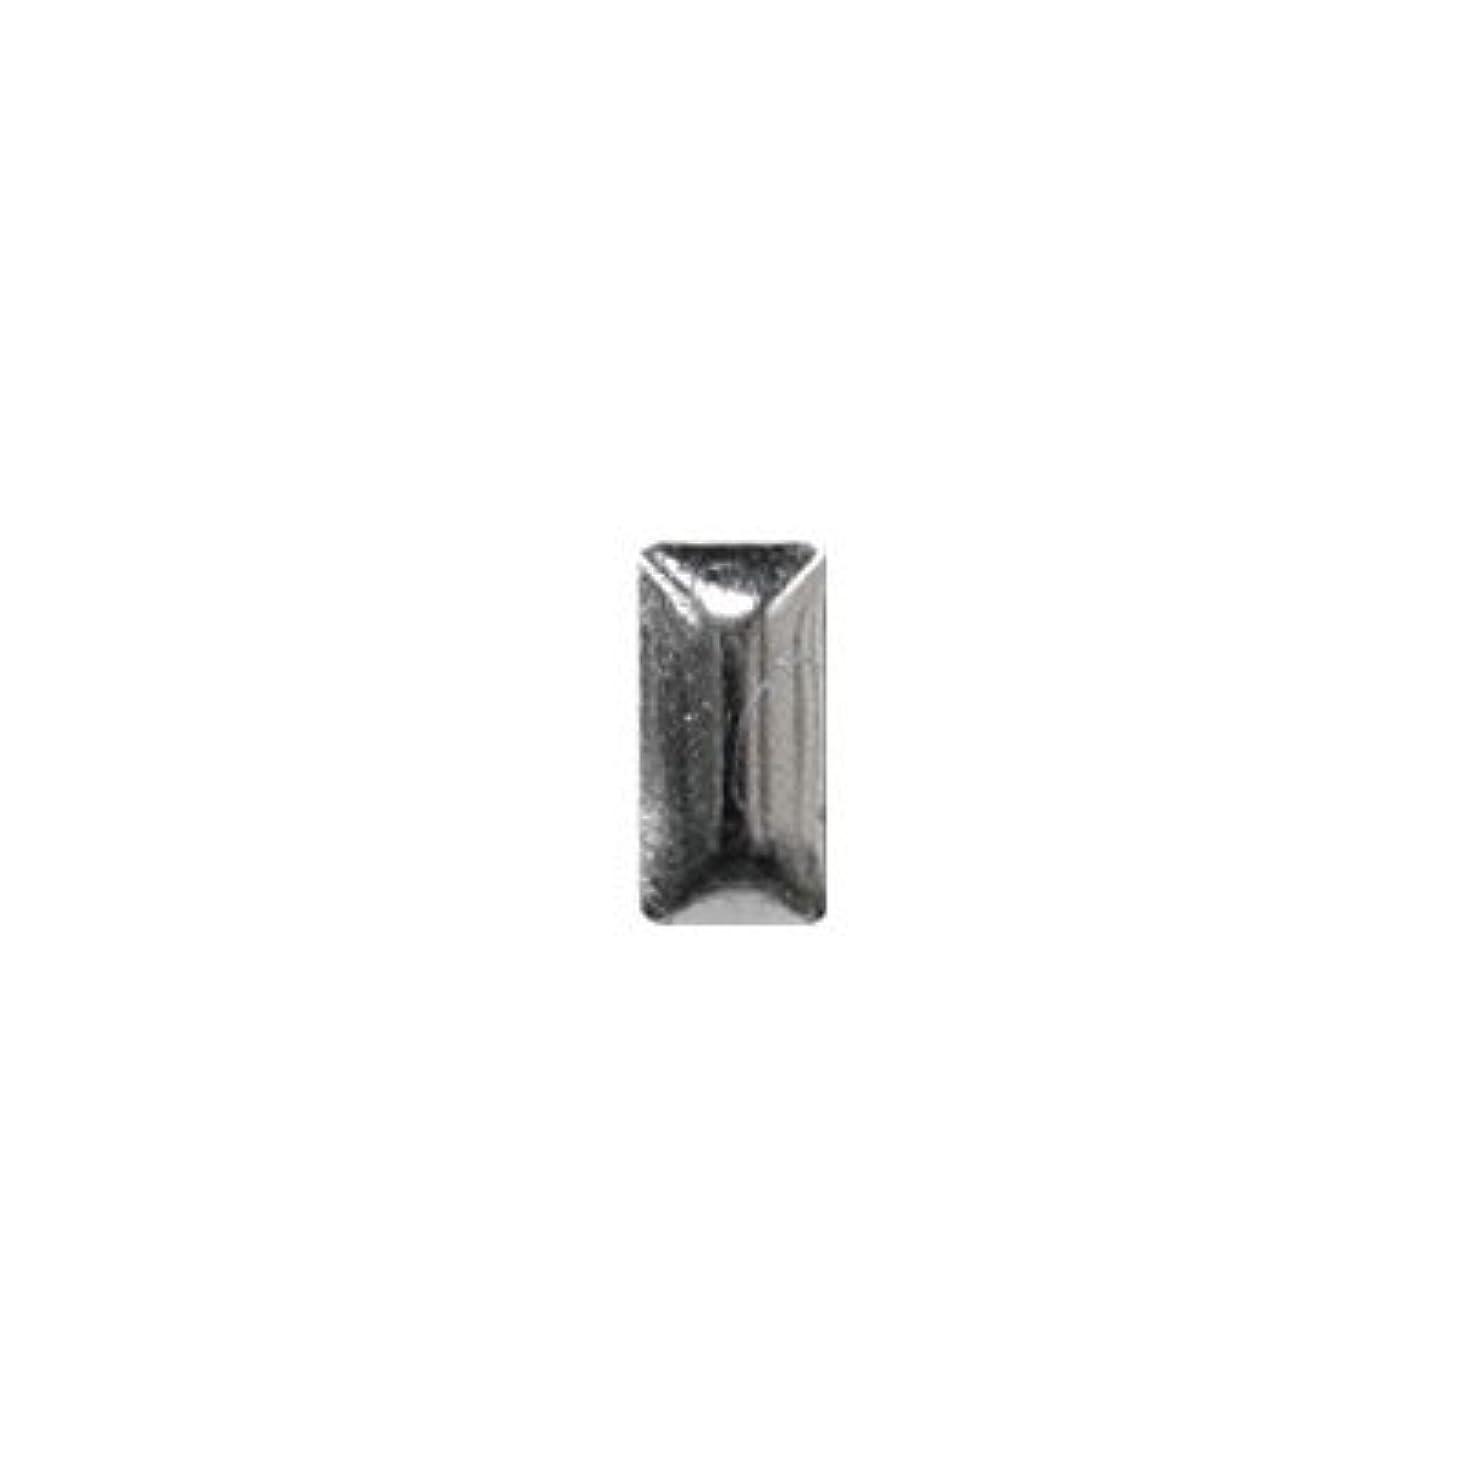 マトン合法秘密のピアドラ スタッズ メタル長方形 2×4mm 50P シルバー